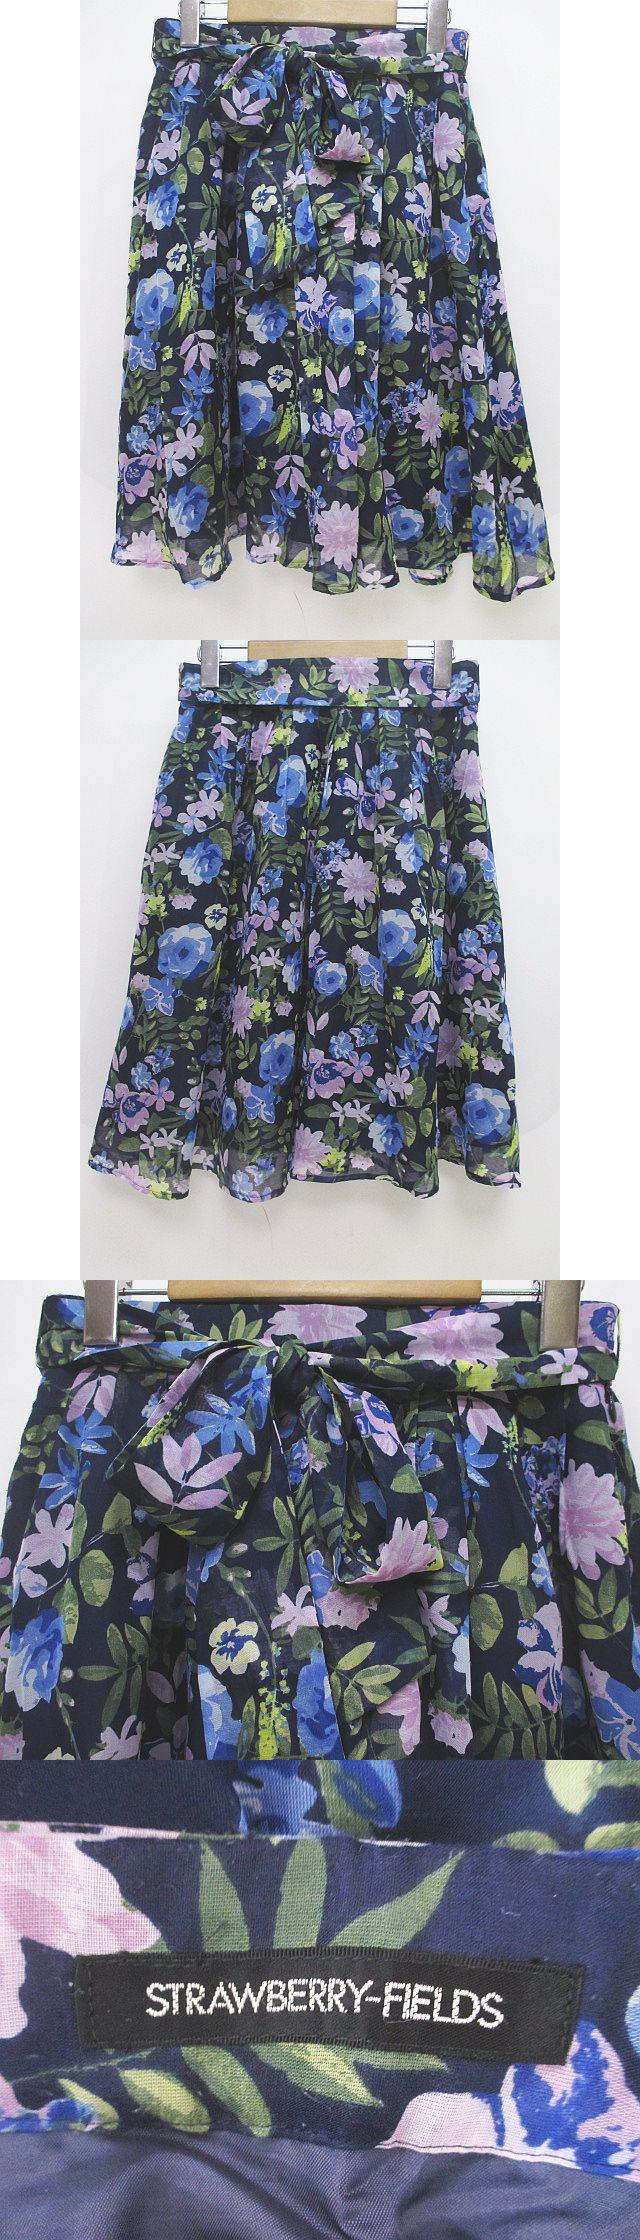 花柄 膝丈 フレアスカート 紺系 ネイビー リボン ギャザー 裏地 日本製